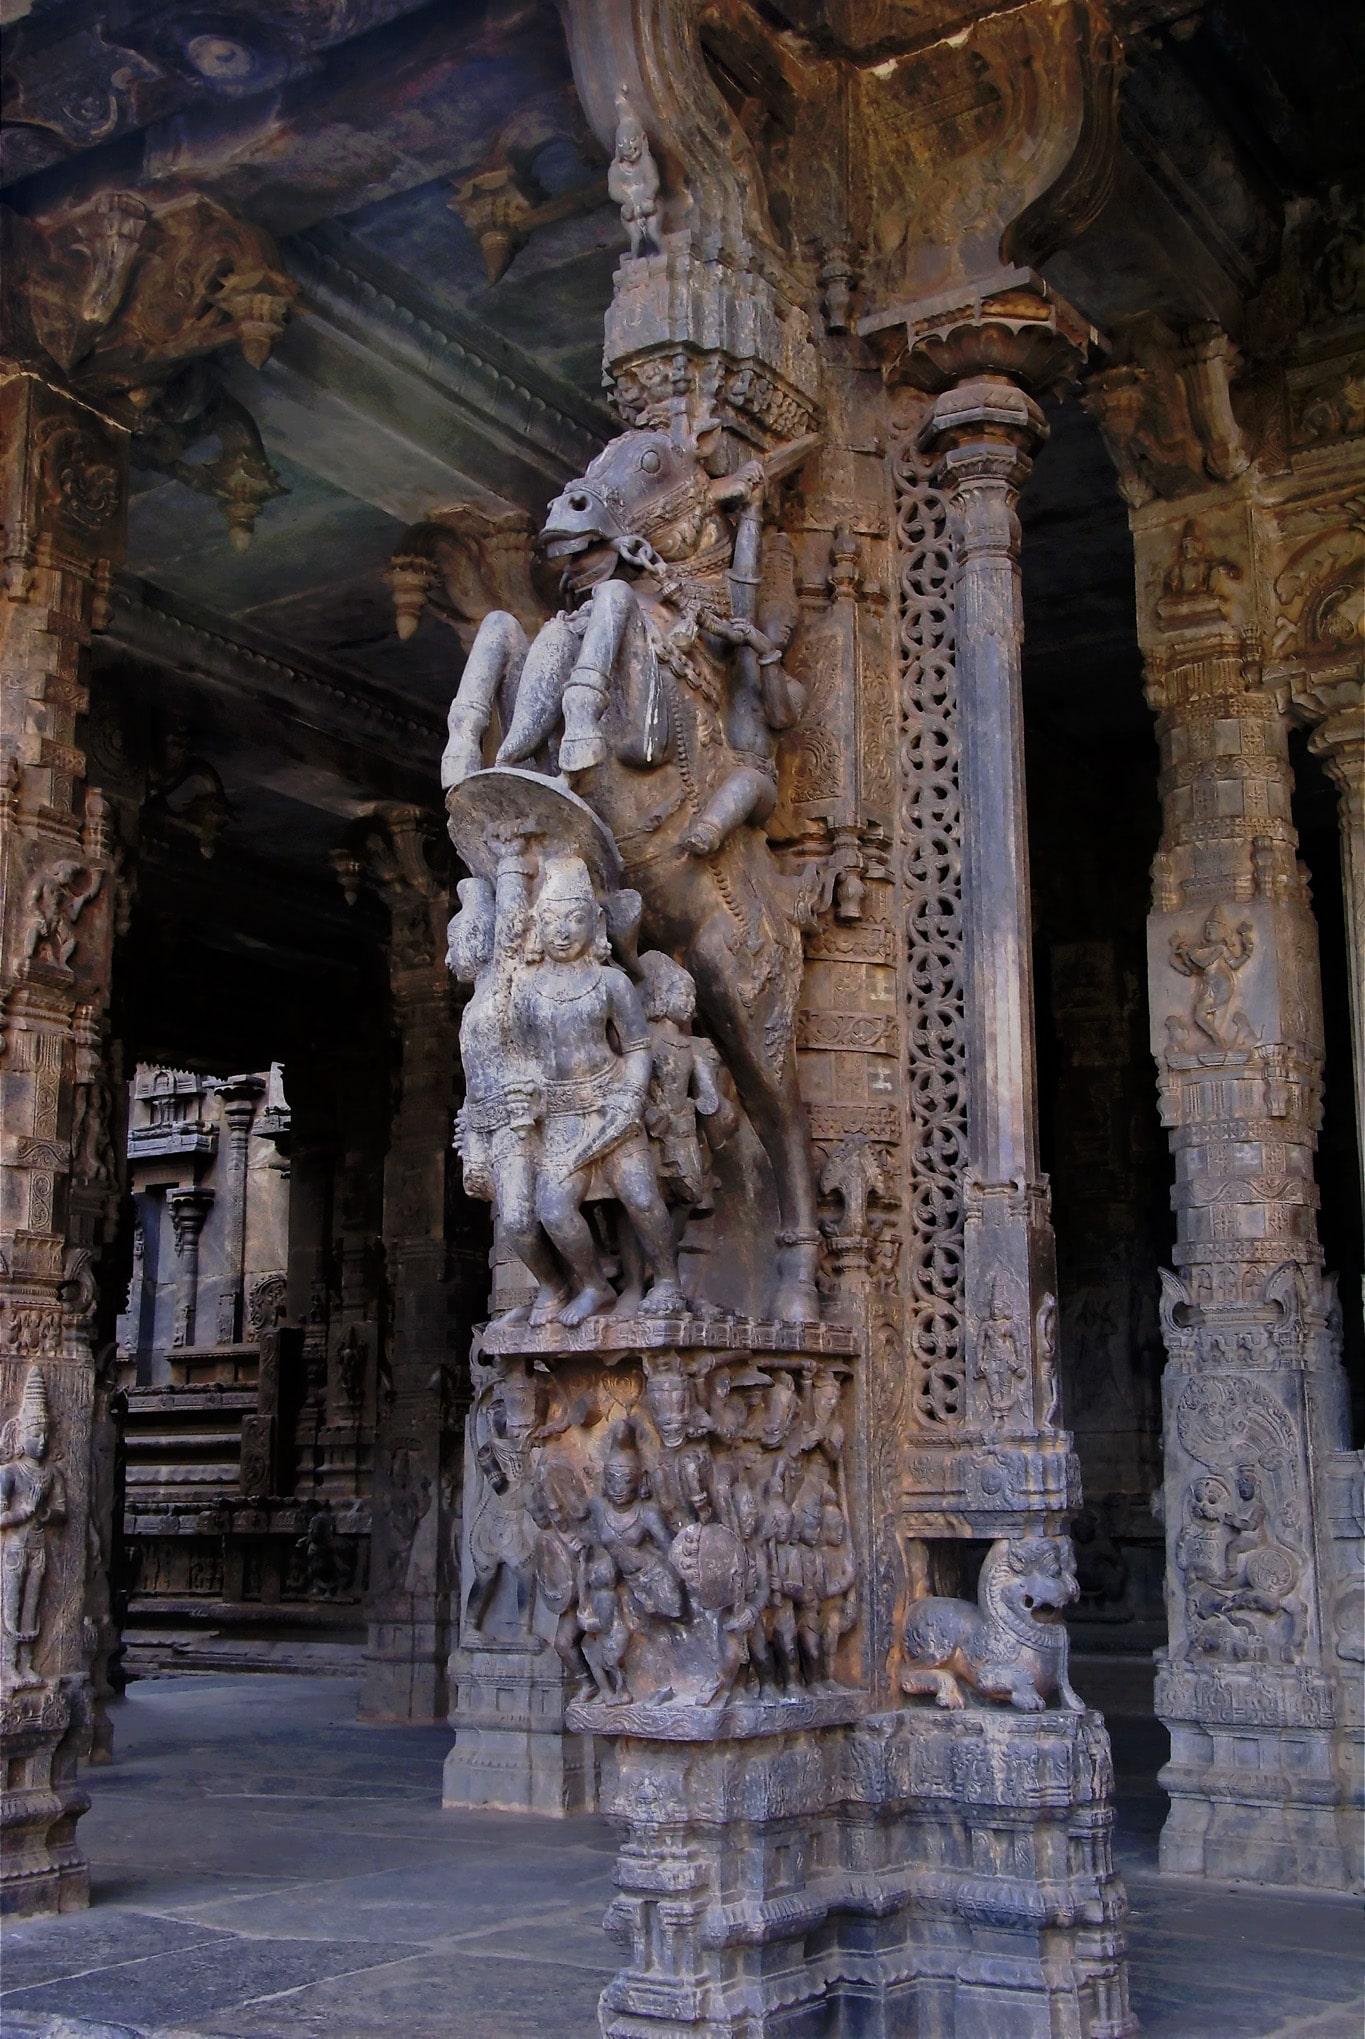 une monture surprenante colonnes sculptées temple de Vellore